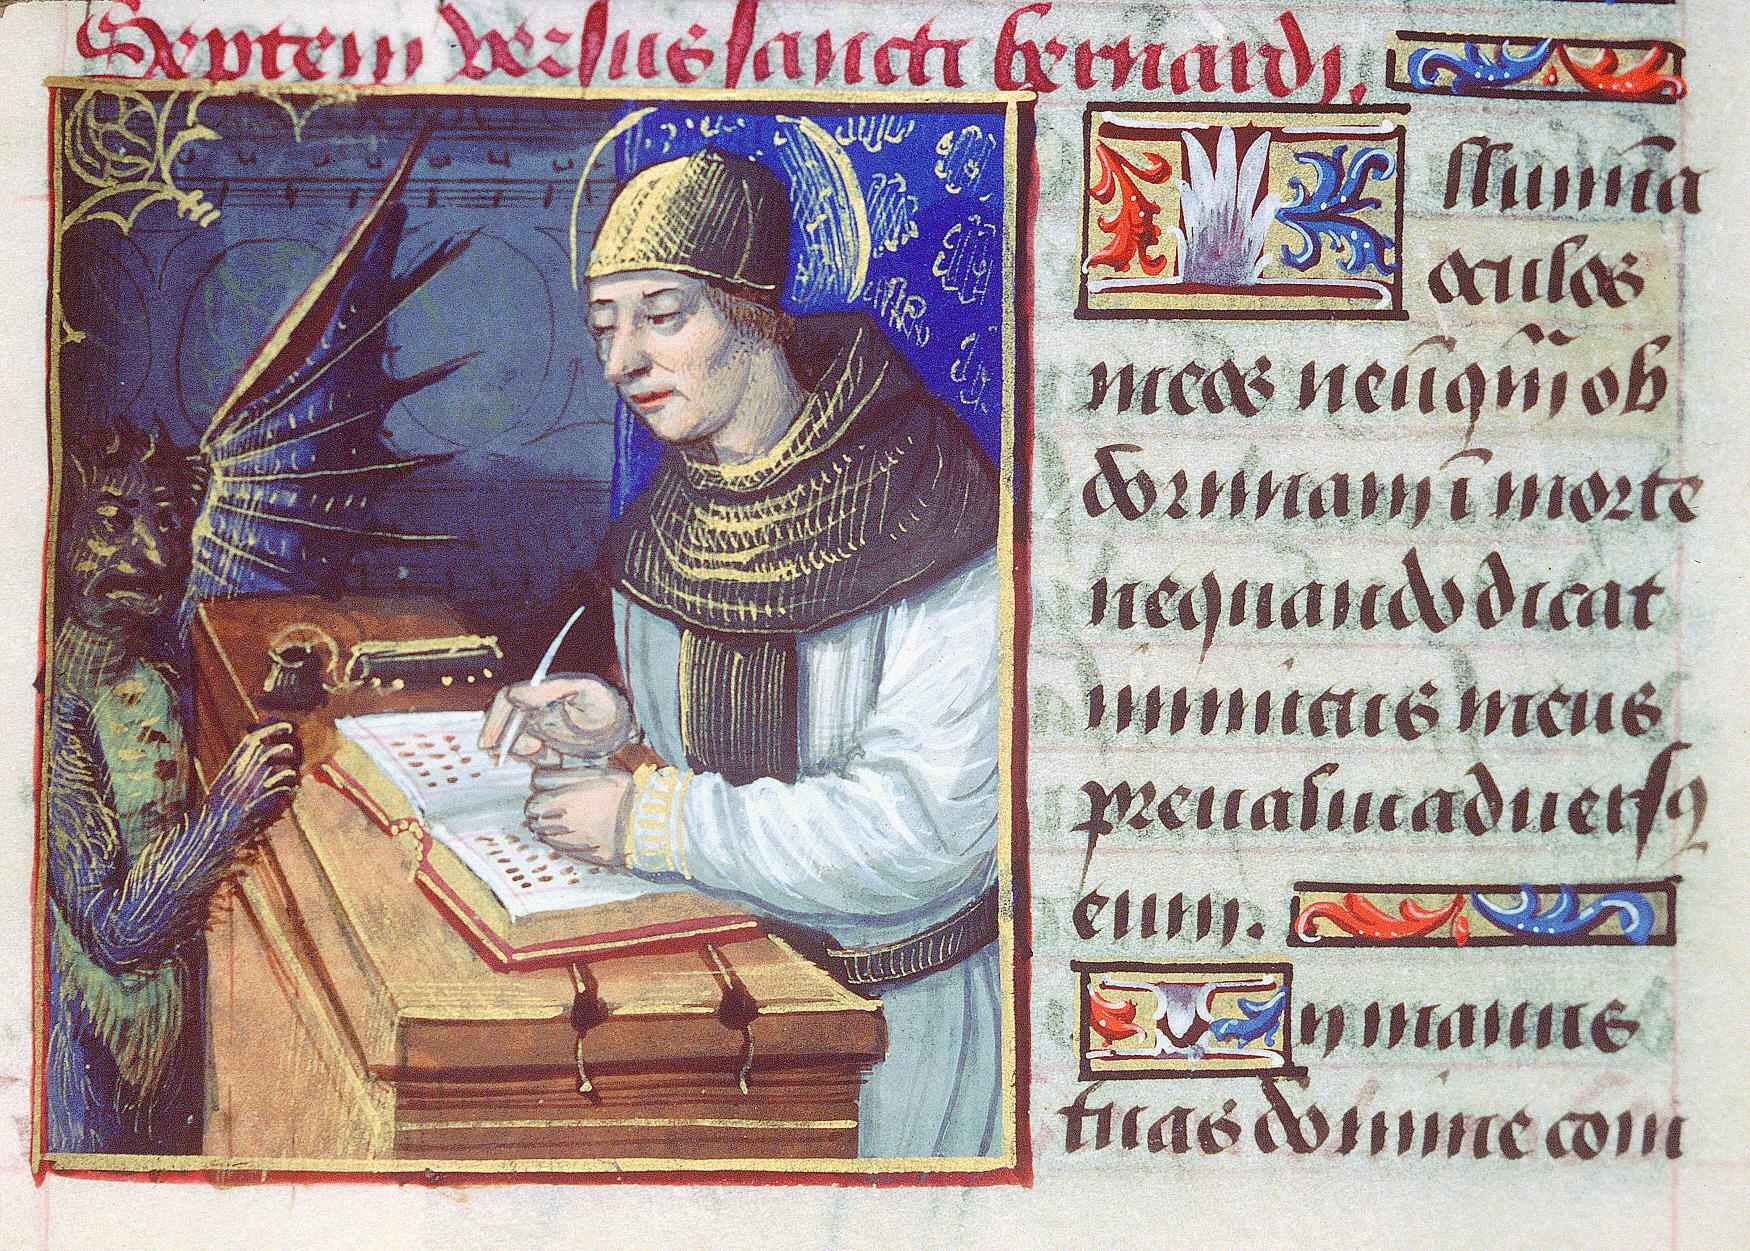 Saint Bernard de Menthon et le diable (Titivillus) Horae ad usum romanum - Heures de Louis de Savoie (1445-60) - Latin 9473 fol-10v